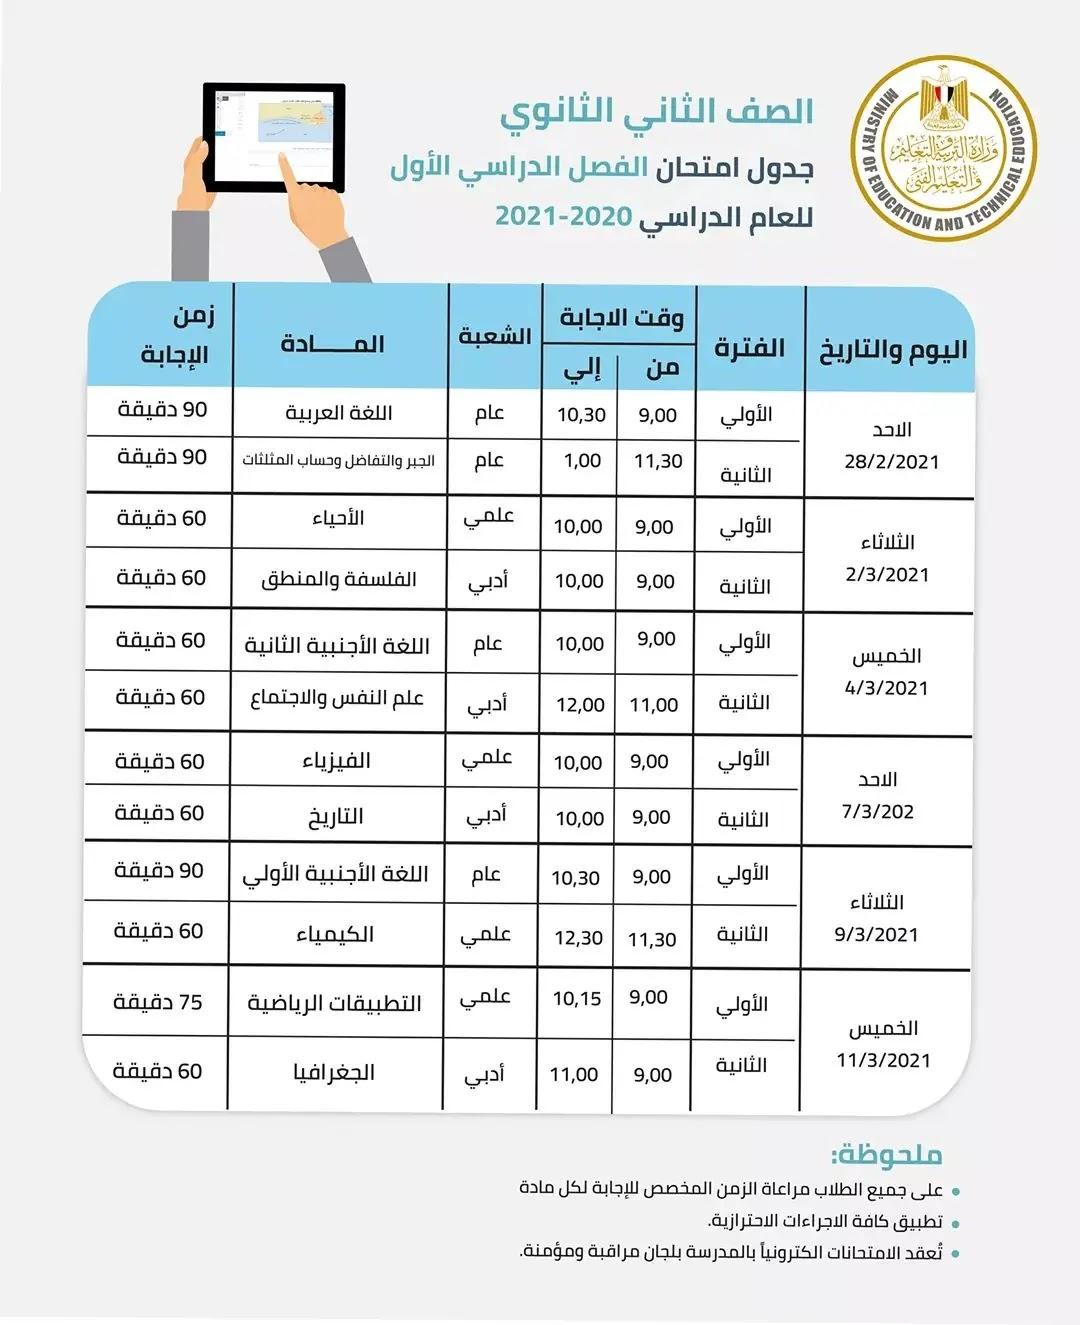 جدول امتحانات الصف الثاني الثانوي الفصل الدراسي الاول